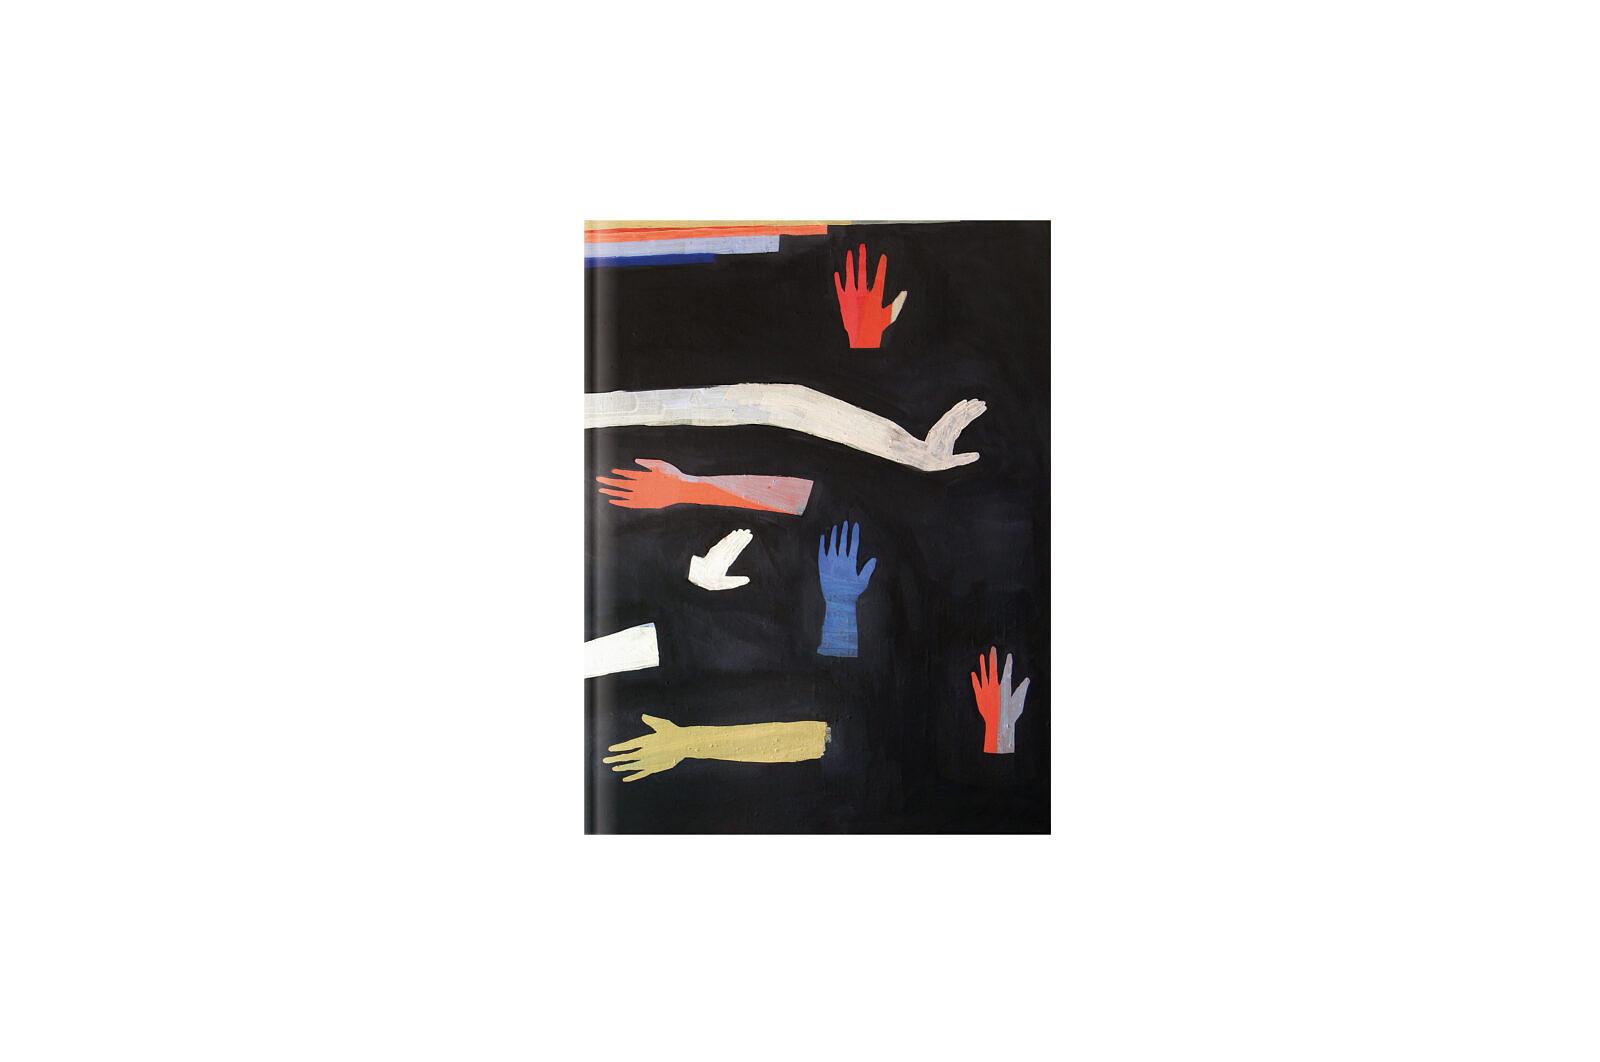 Jeux de mains  - First edition